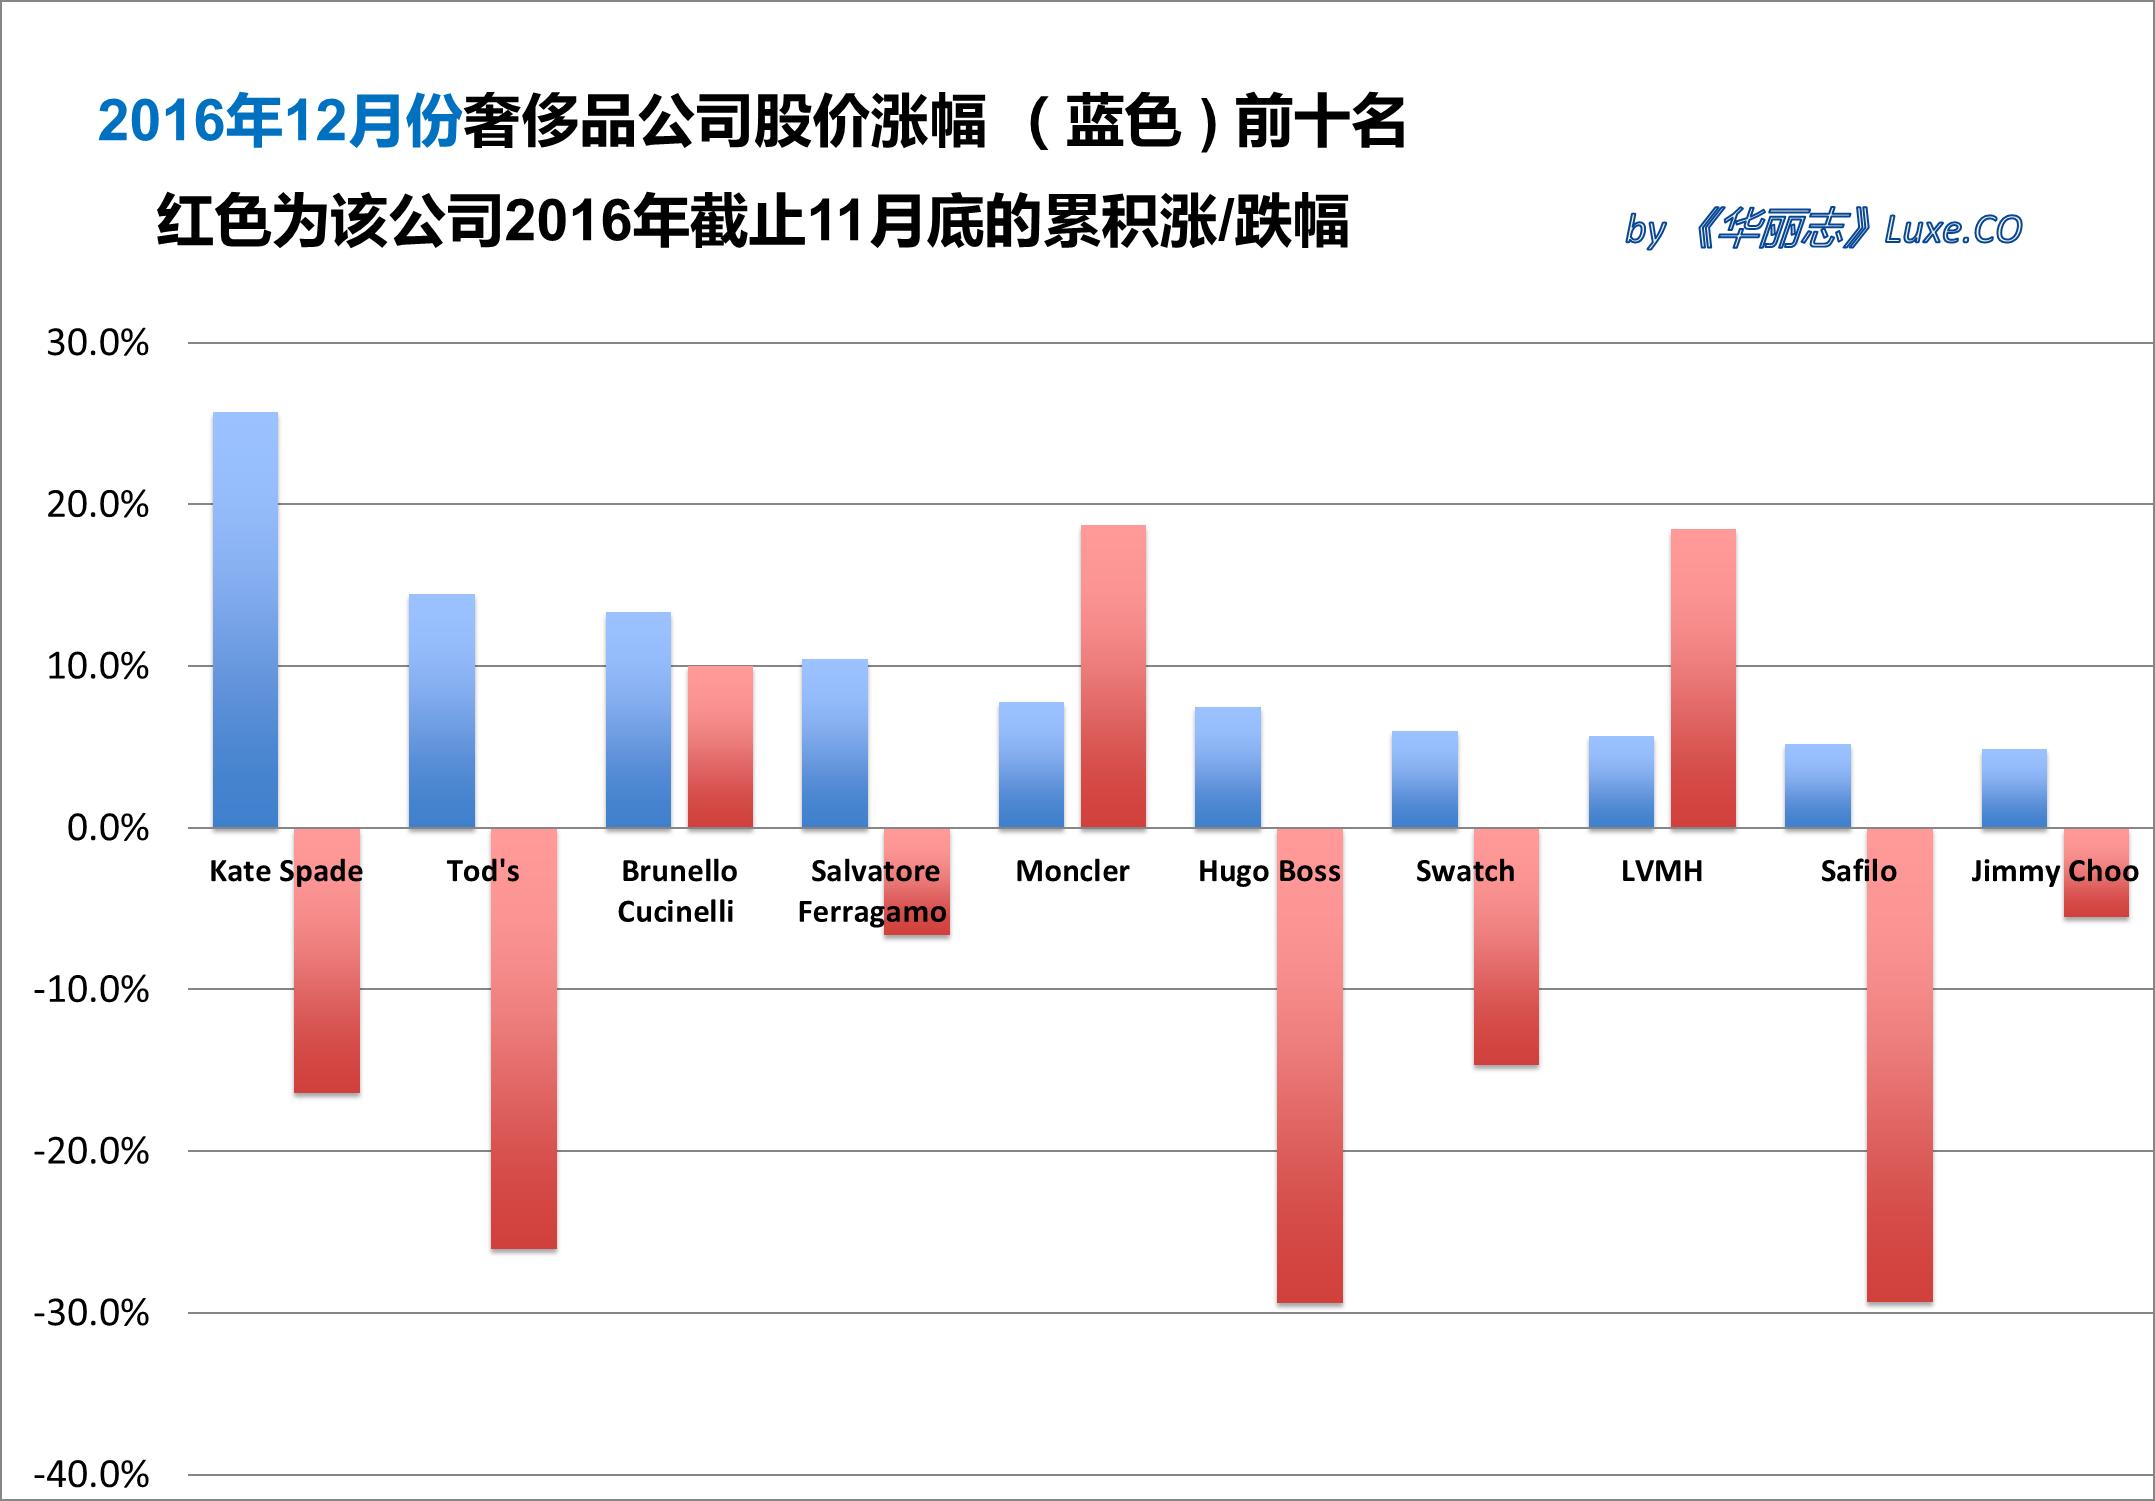 《华丽志》奢侈品股票月度排行榜(2016年12月)